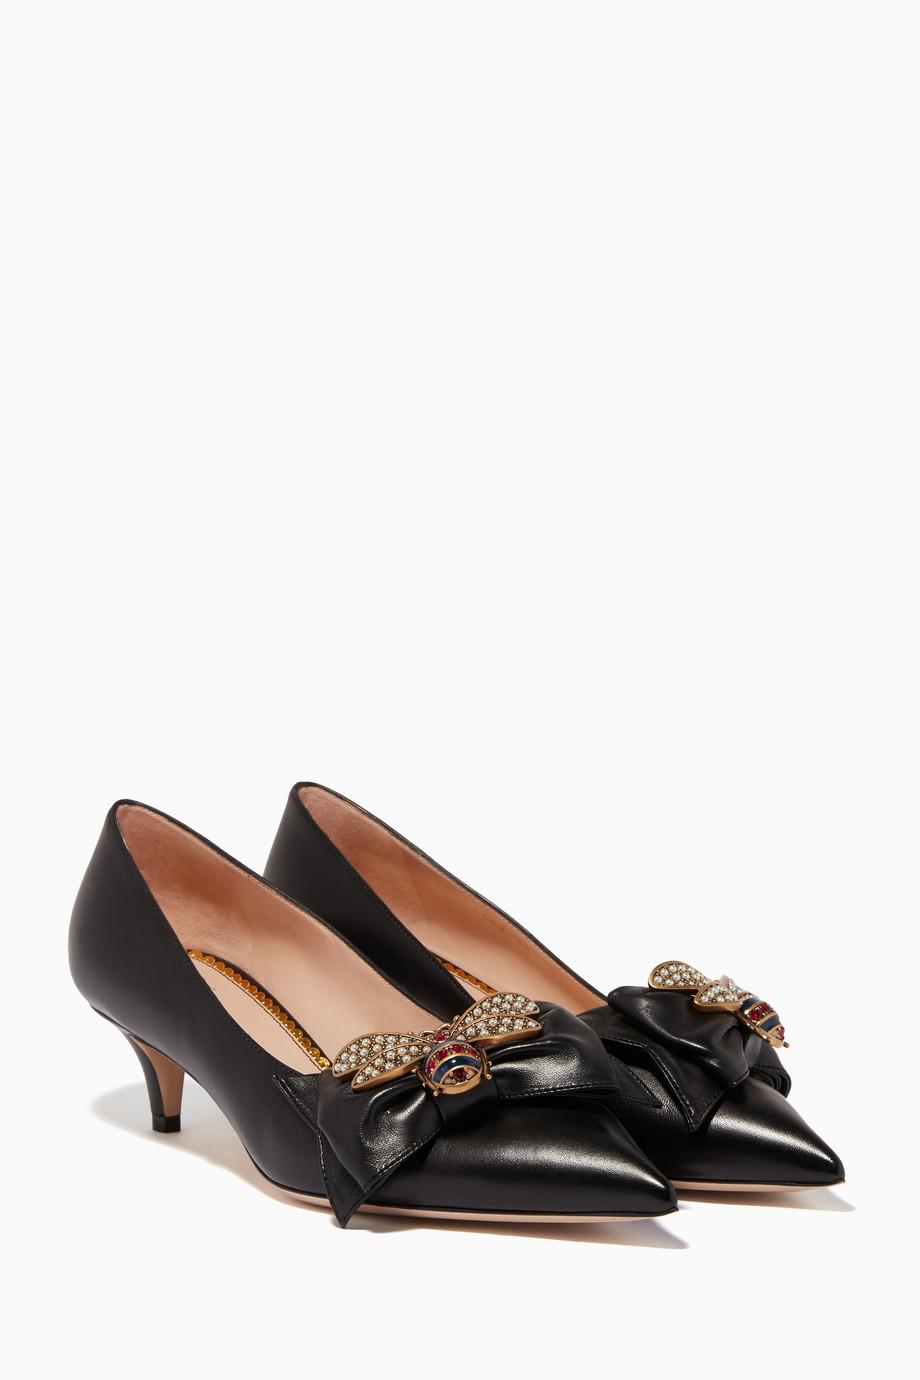 67f919c87f5 Shop Gucci Black Black Queen Margaret Bow Embellished Pumps for ...